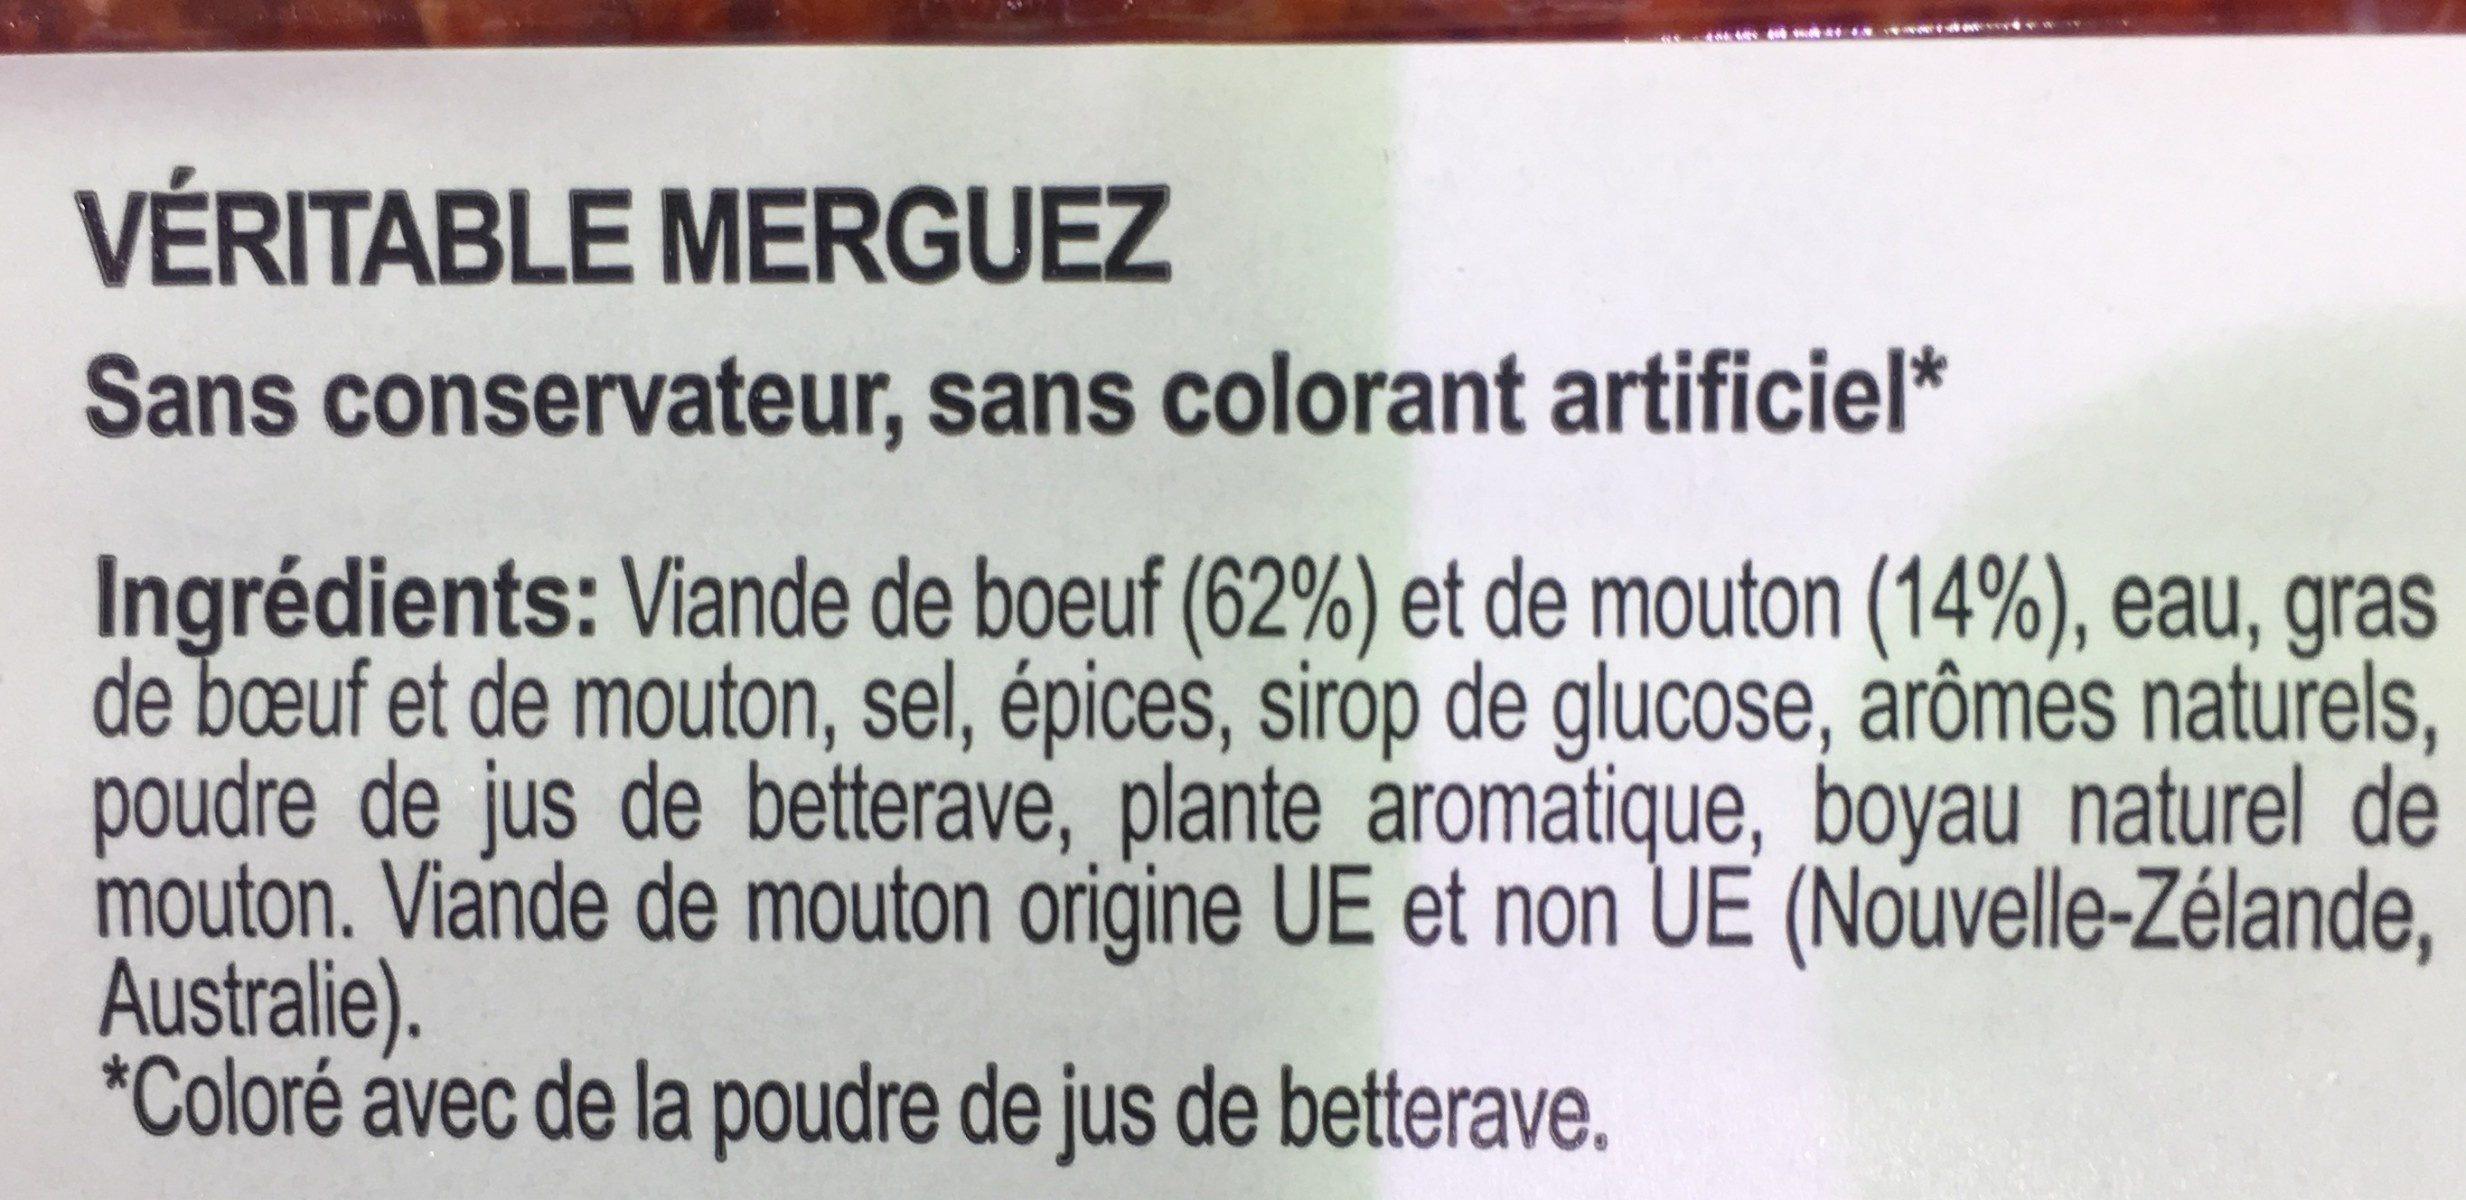 Véritable Merguez Boeuf & Mouton (x 12) - Ingredienti - fr